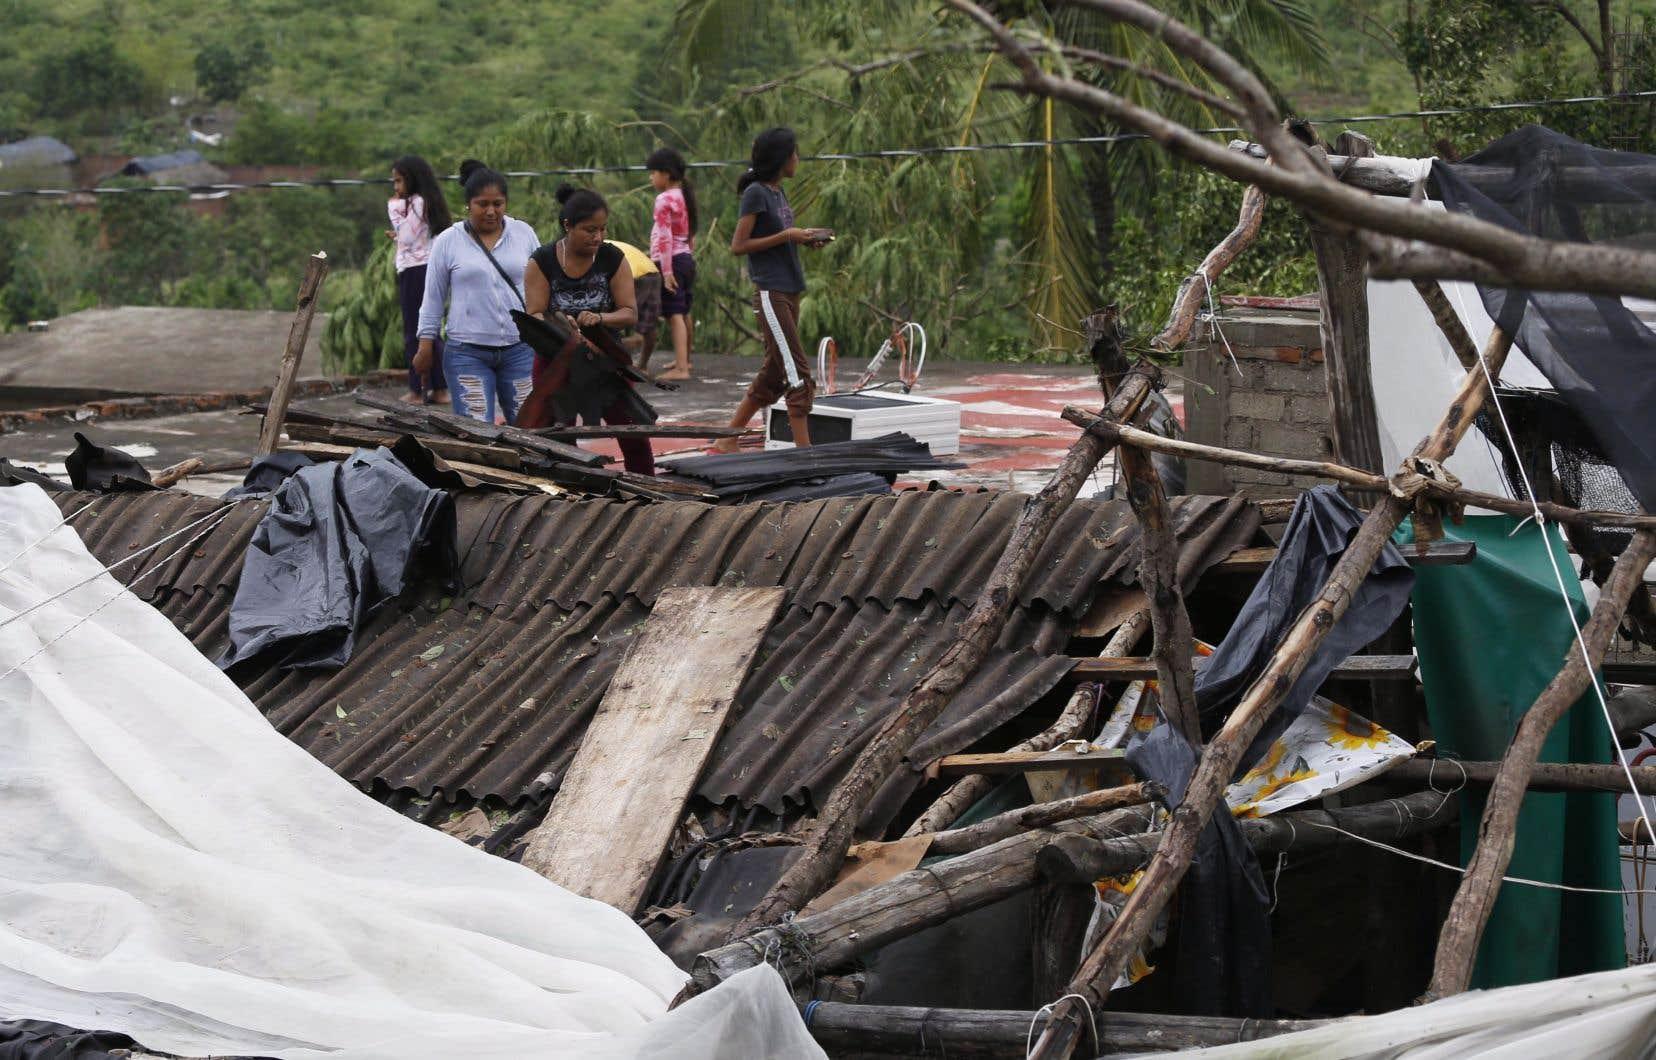 Les vents de 195 km/h qui accompagnaient la tempête ont renversé des cabanes de bois et arraché des toits de métal dans la municipalité d'Escuinapa.